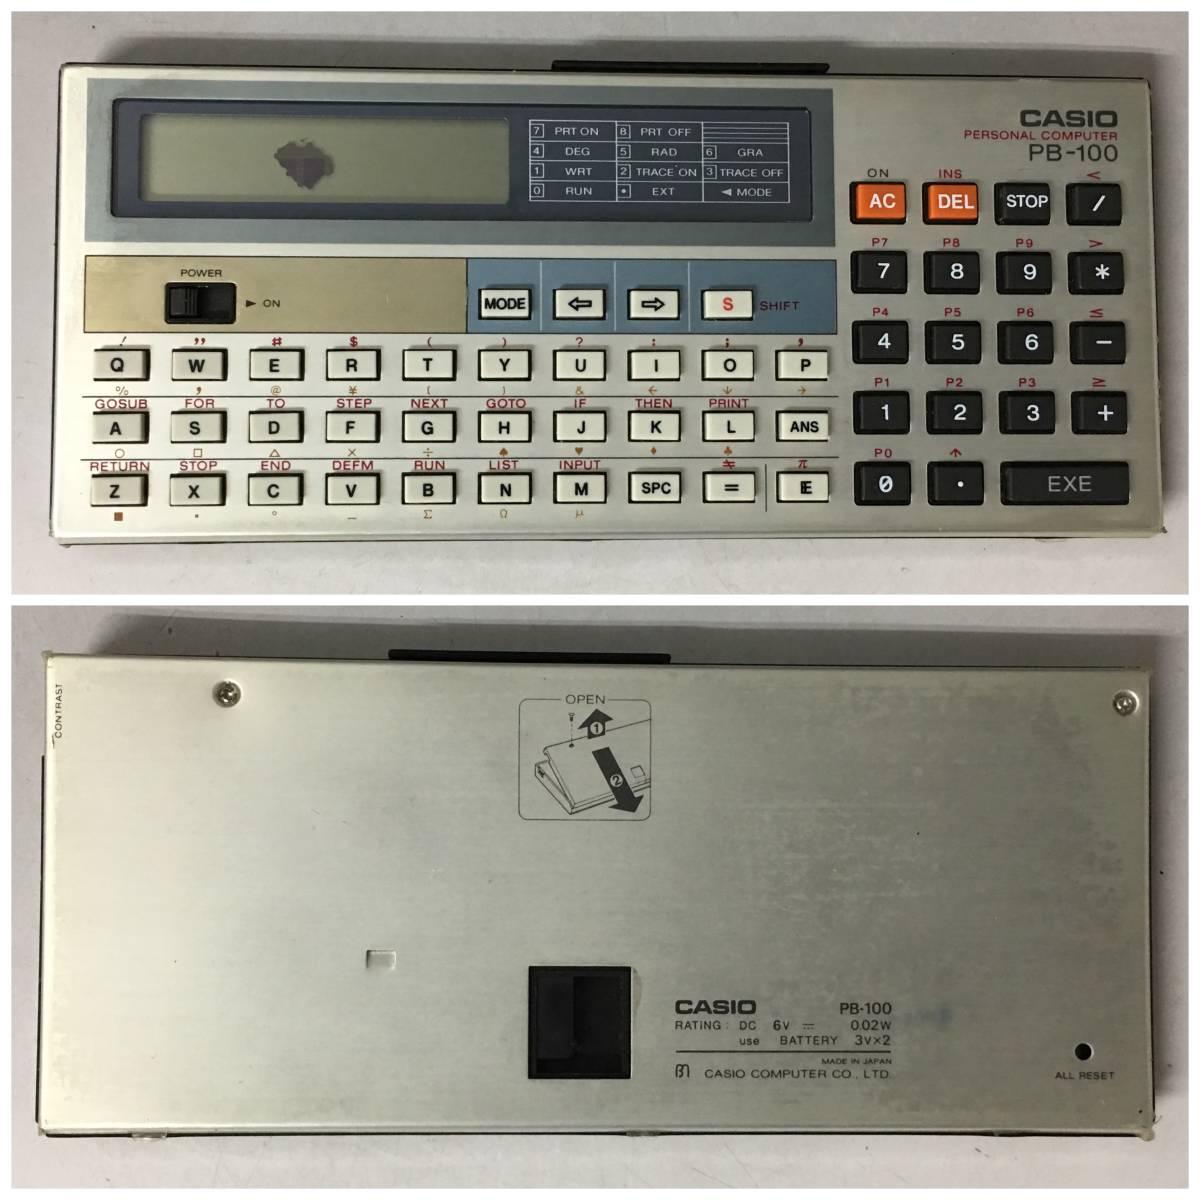 KG1/16 CASIO カシオ ポケットコンピューター PB 100 ポケコン 本体のみ 日本製 動作品 _画像4